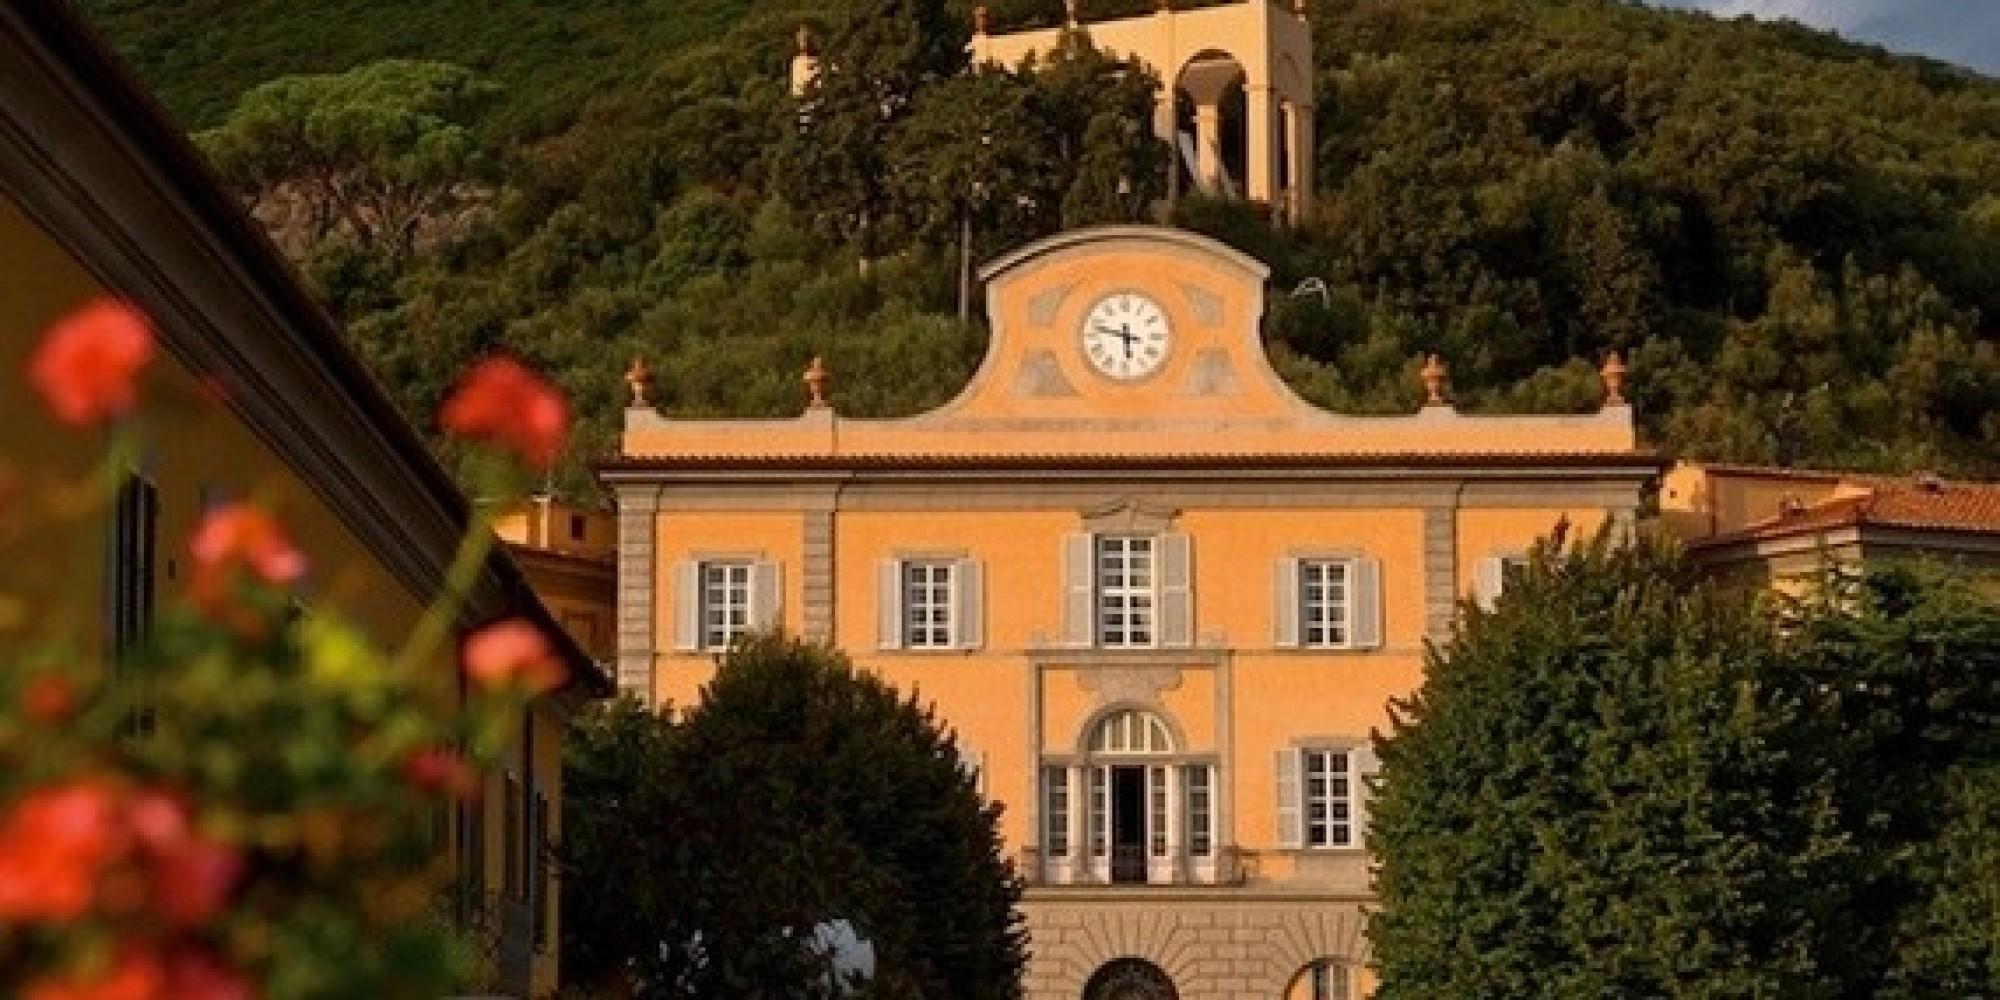 Italian retreats bagni di pisa tuscany huffpost uk - Bagni di pisa groupon ...